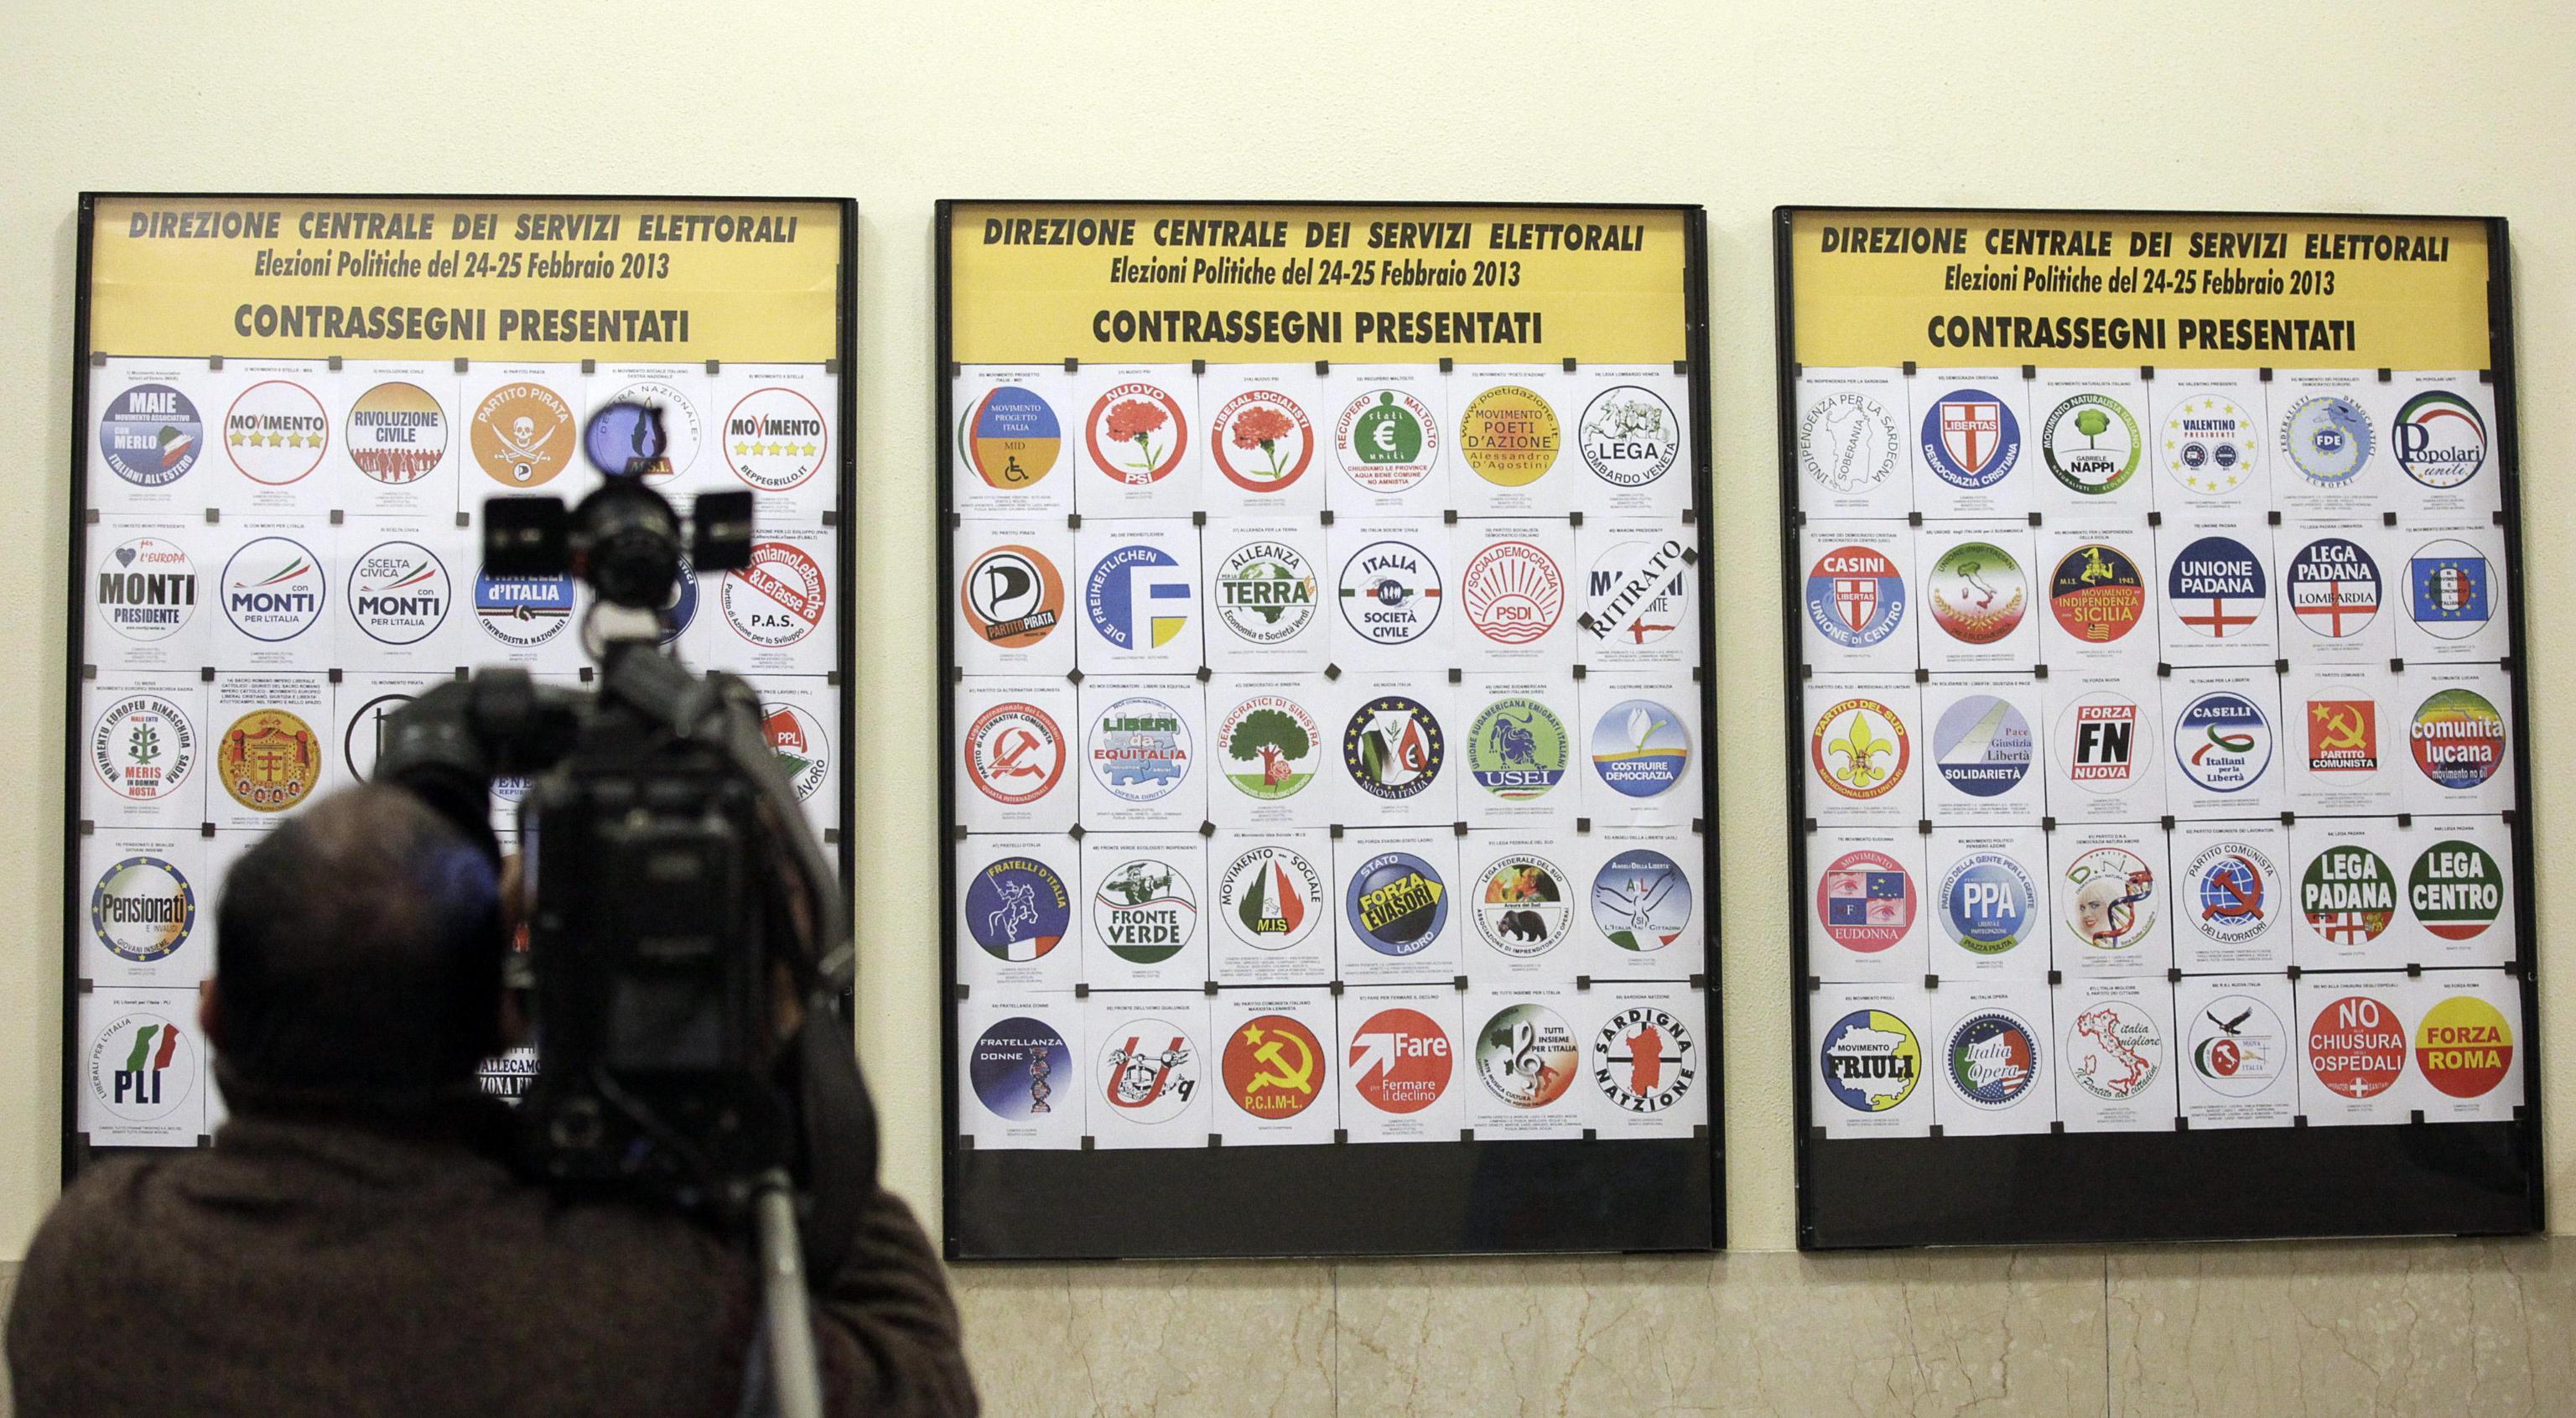 Elezioni Politiche 2013. Confronto dei programmi.  Pensioni, Crescita, Riforme.